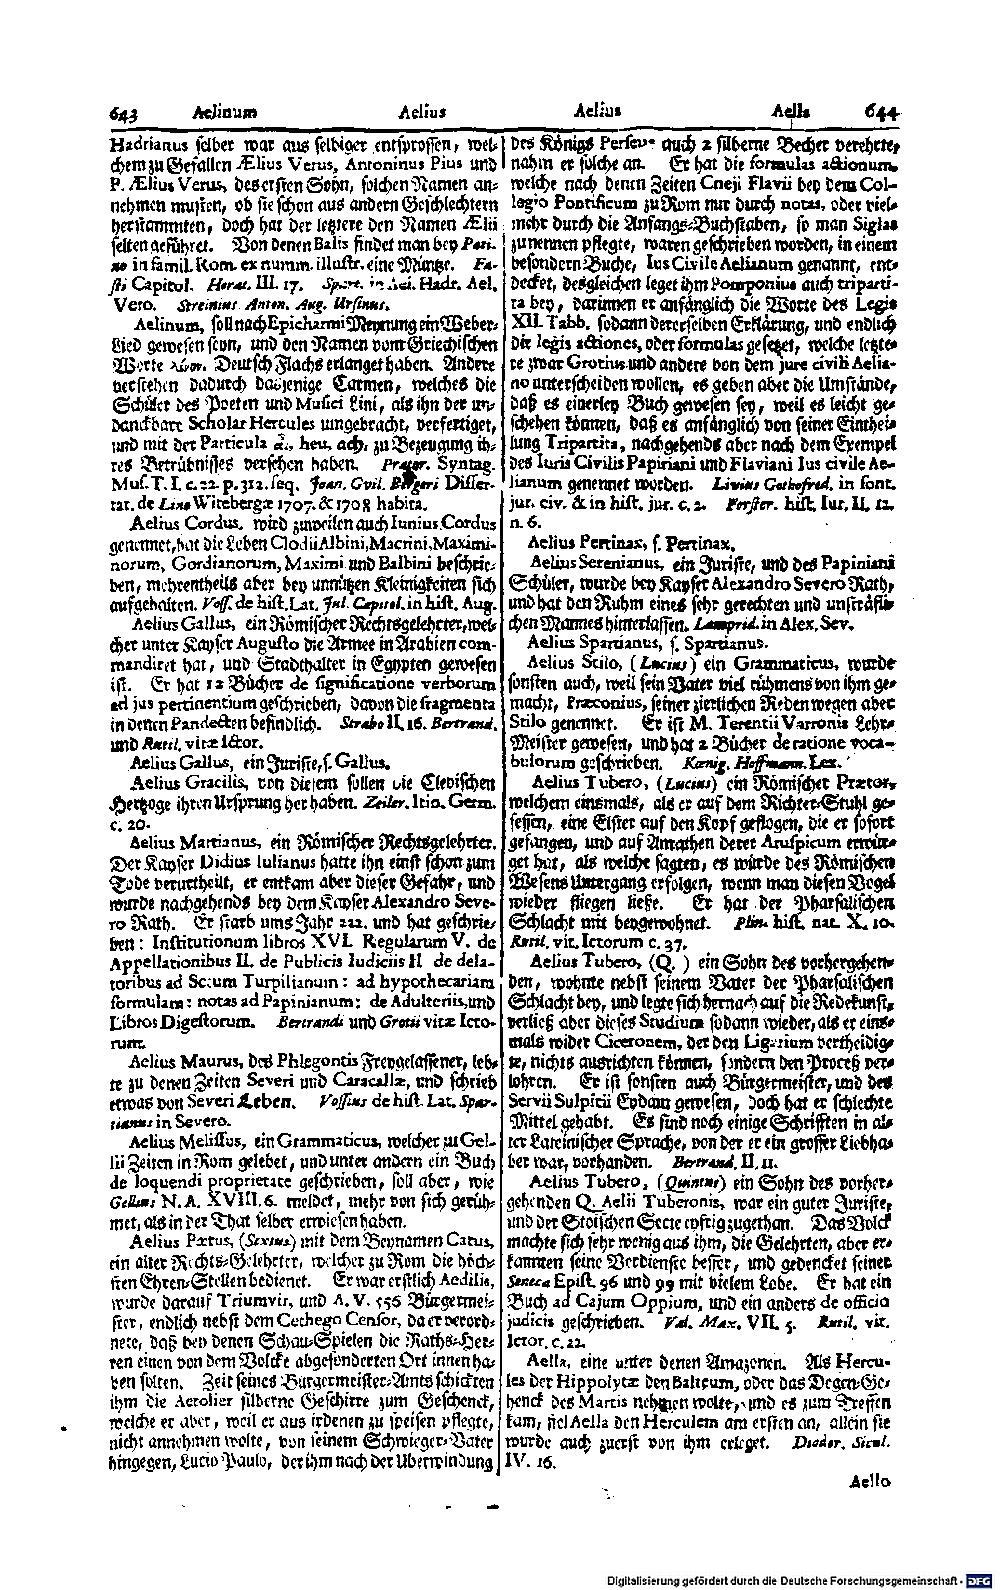 Bd. 01, Seite 0361.